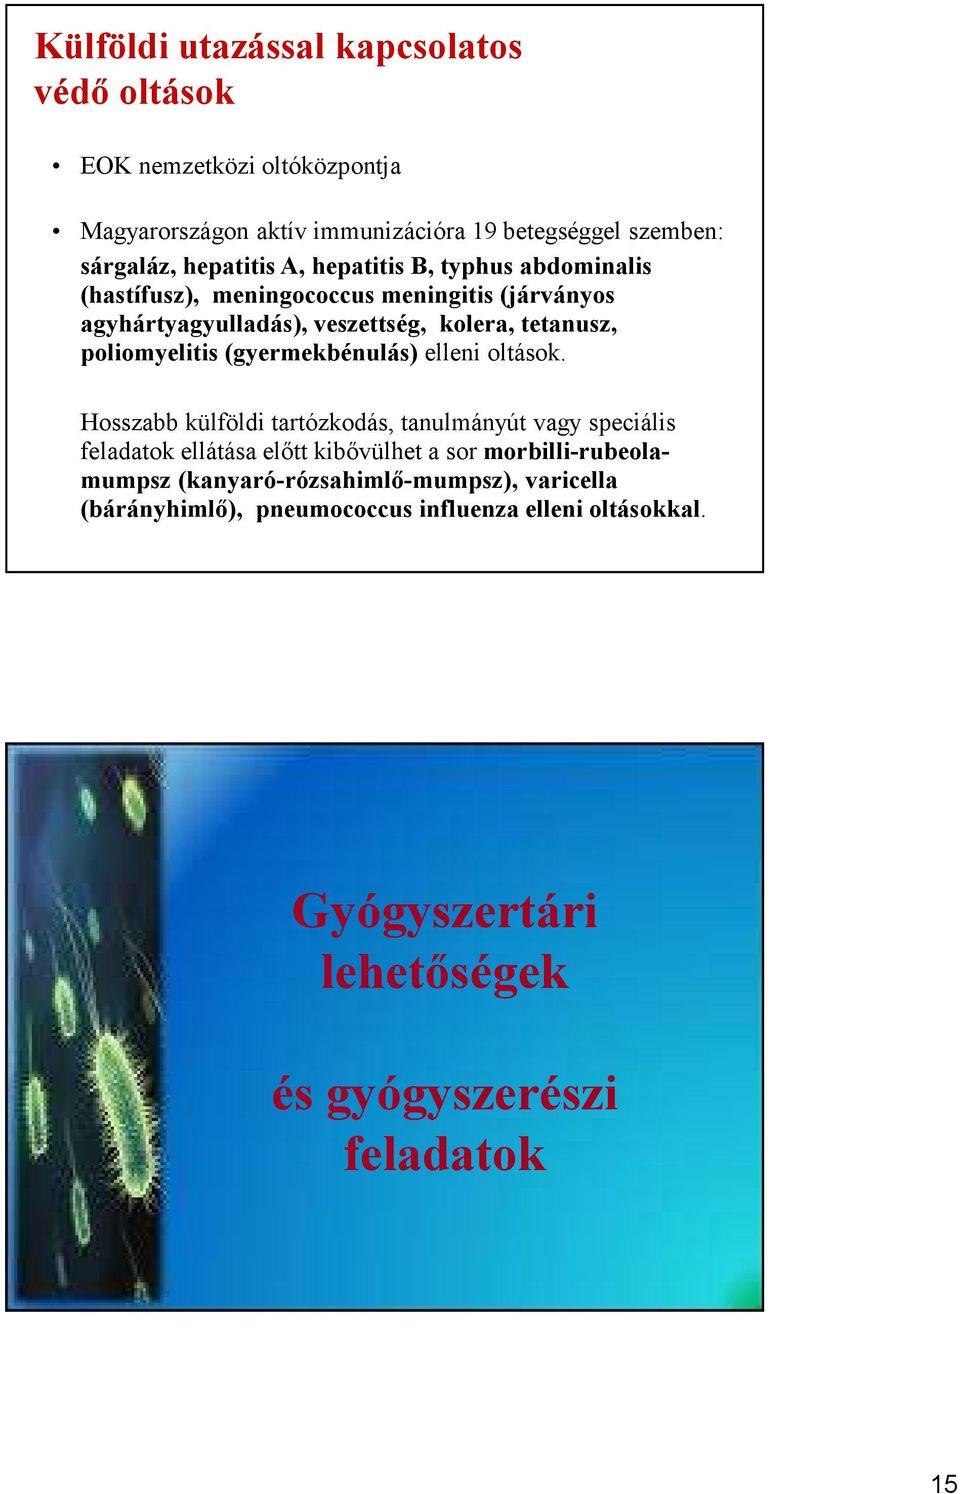 Védőoltások gyermekeknek - Budai Egészségközpont - Éreproartinfo.huőség.